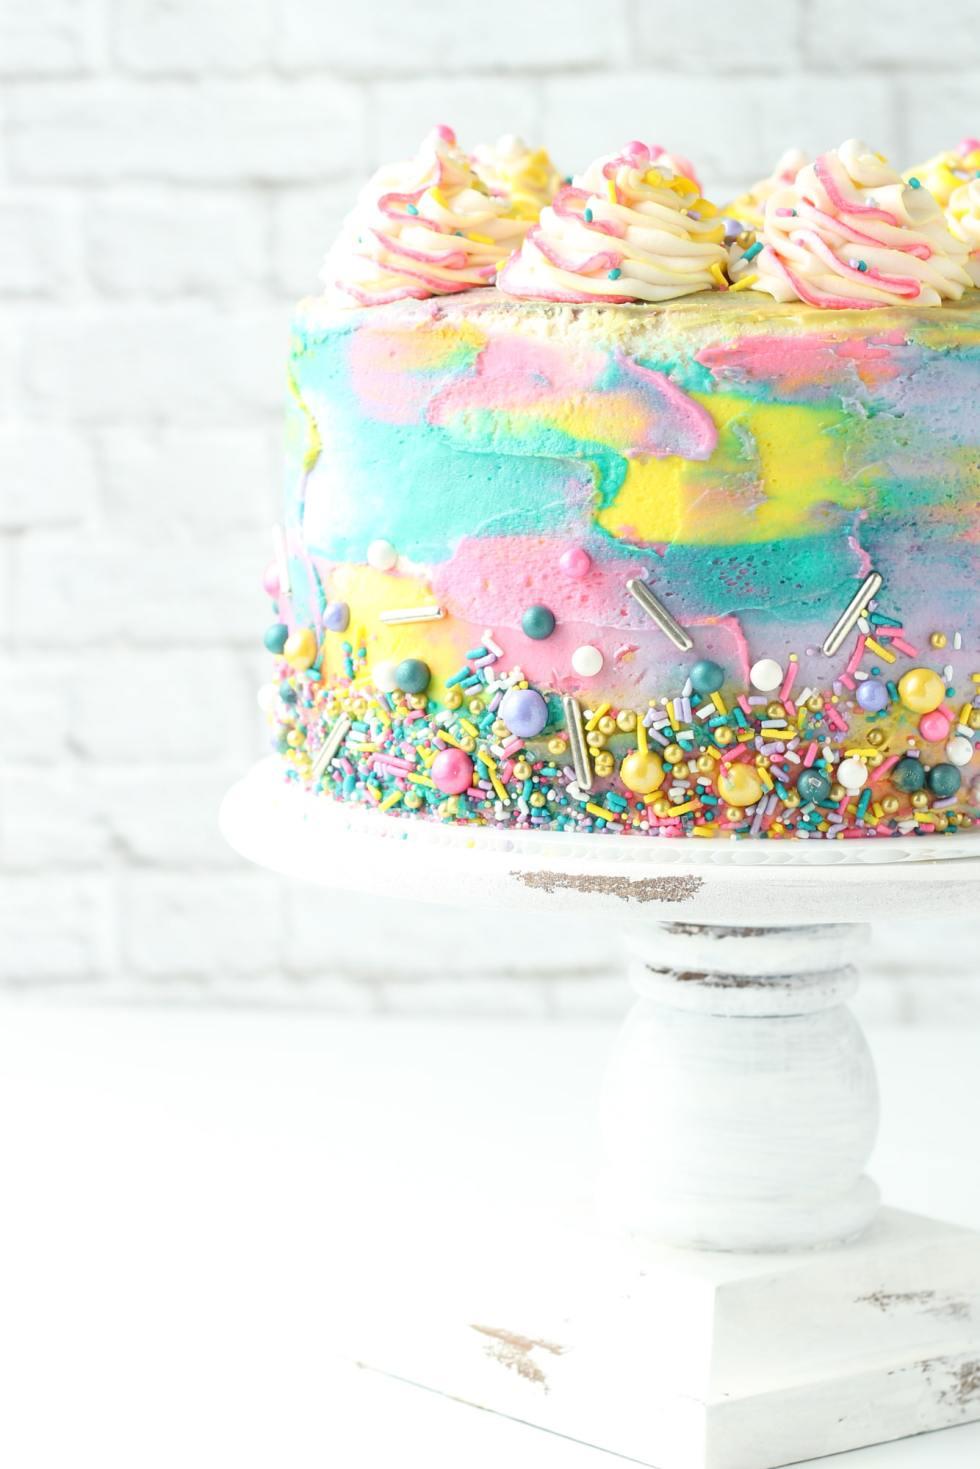 Pink Lemonade Cake with sprinkles